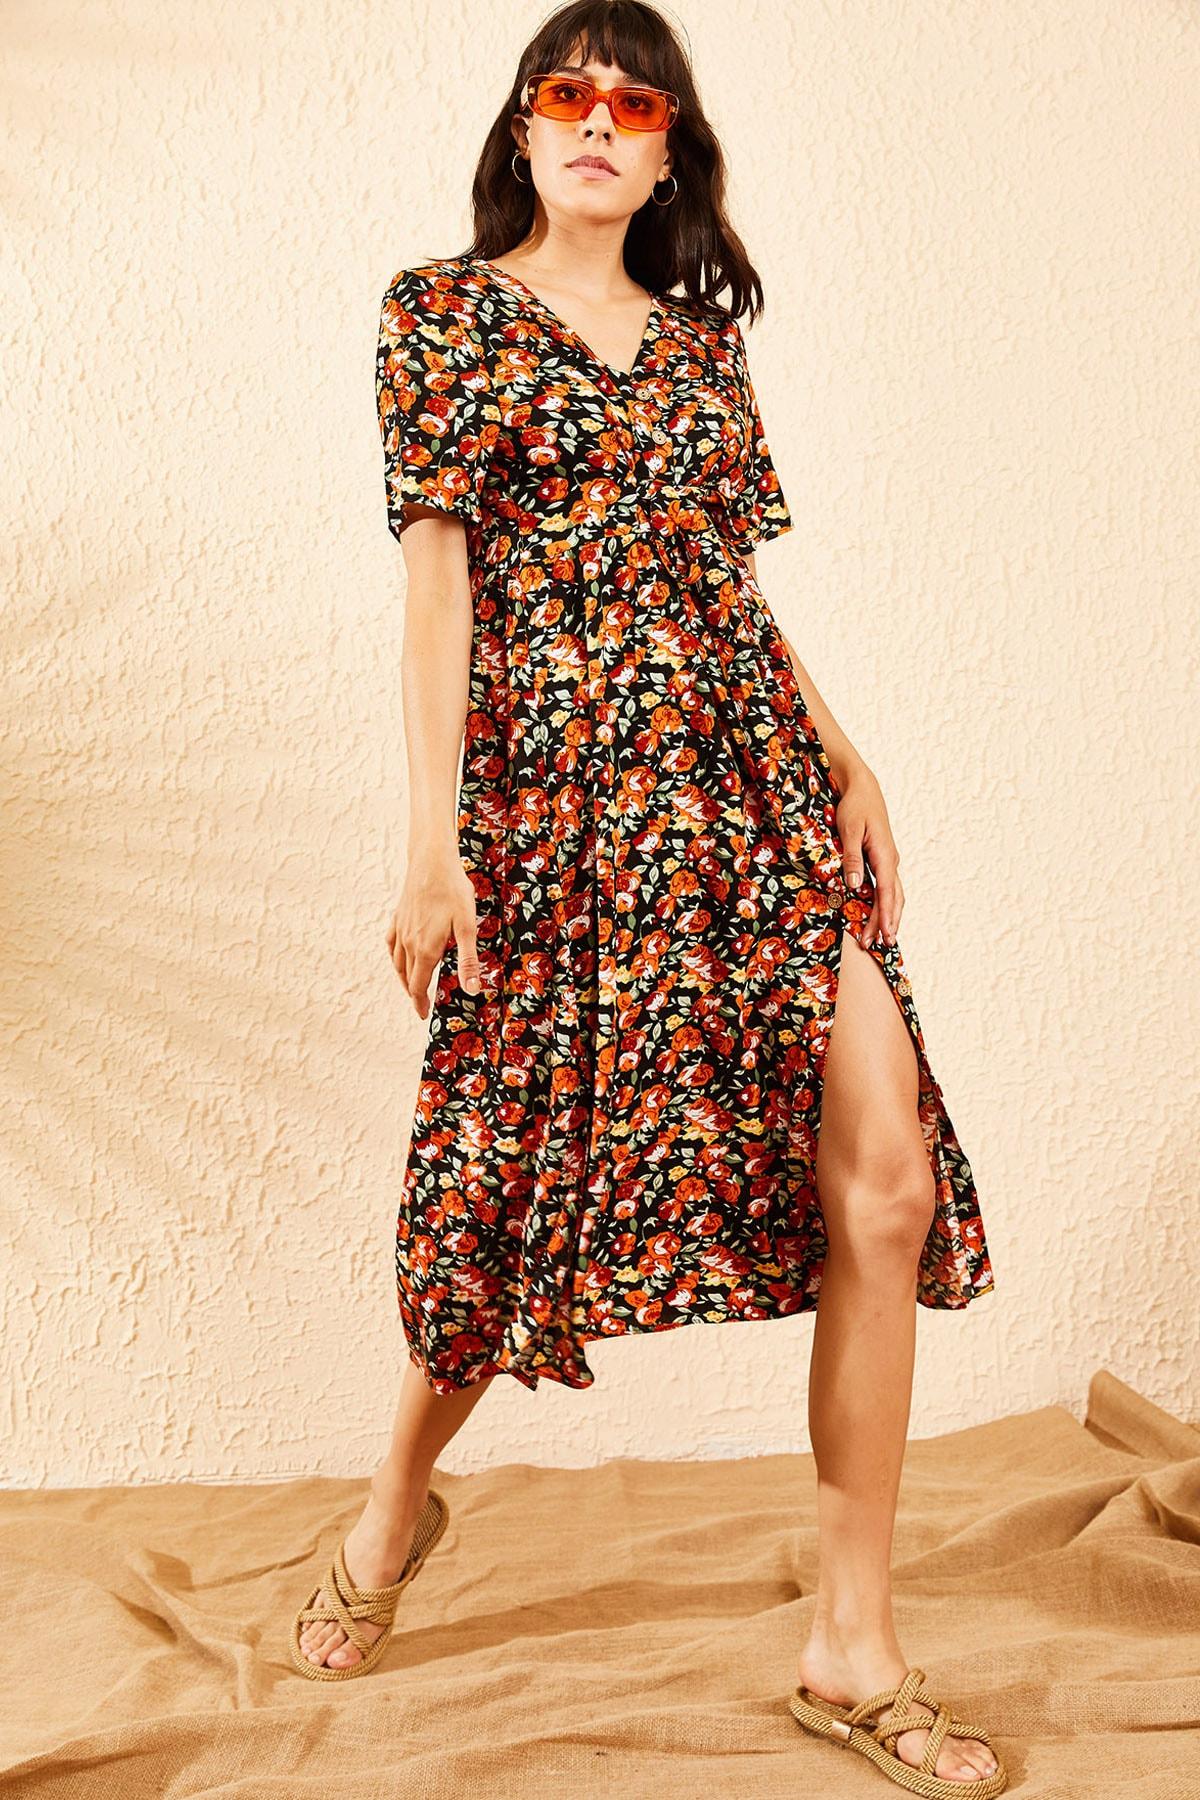 Bianco Lucci Kadın Turuncu Çiçek Desenli Beli Kuşaklı Düğmeli Rahat Elbise 10091009 0